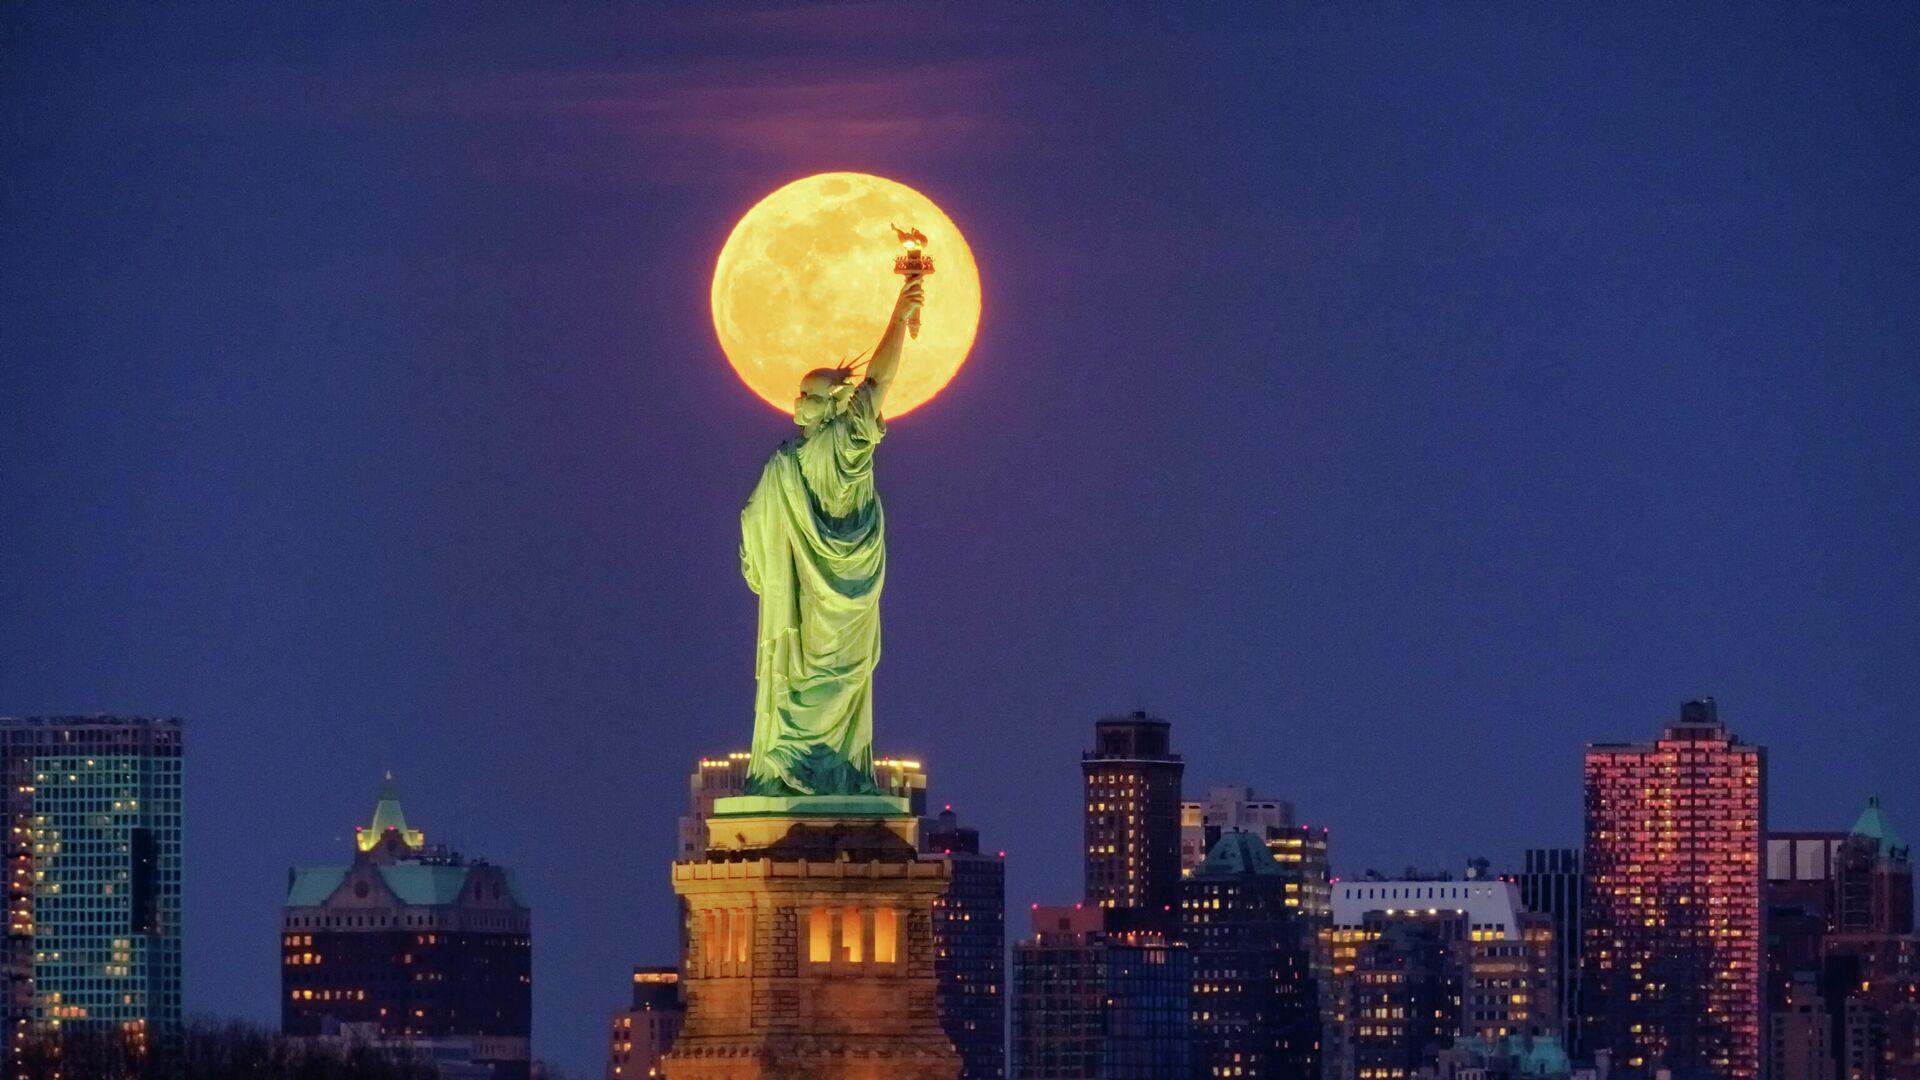 Статуя Свободы в Нью-Йорке на фоне Луны - РИА Новости, 1920, 20.11.2020